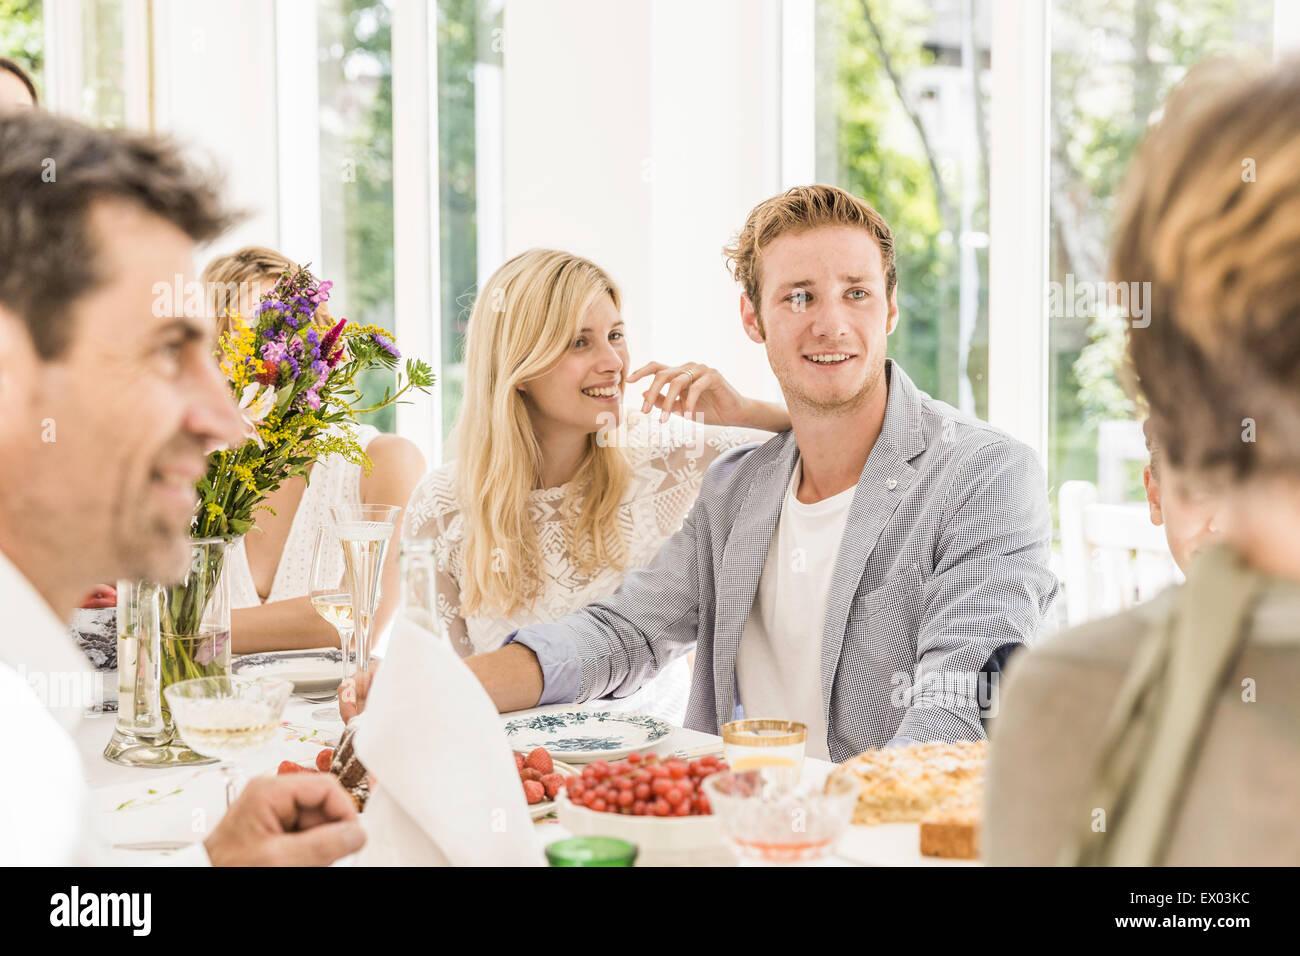 Les adultes de la famille de discuter à la table de fête d'anniversaire Photo Stock